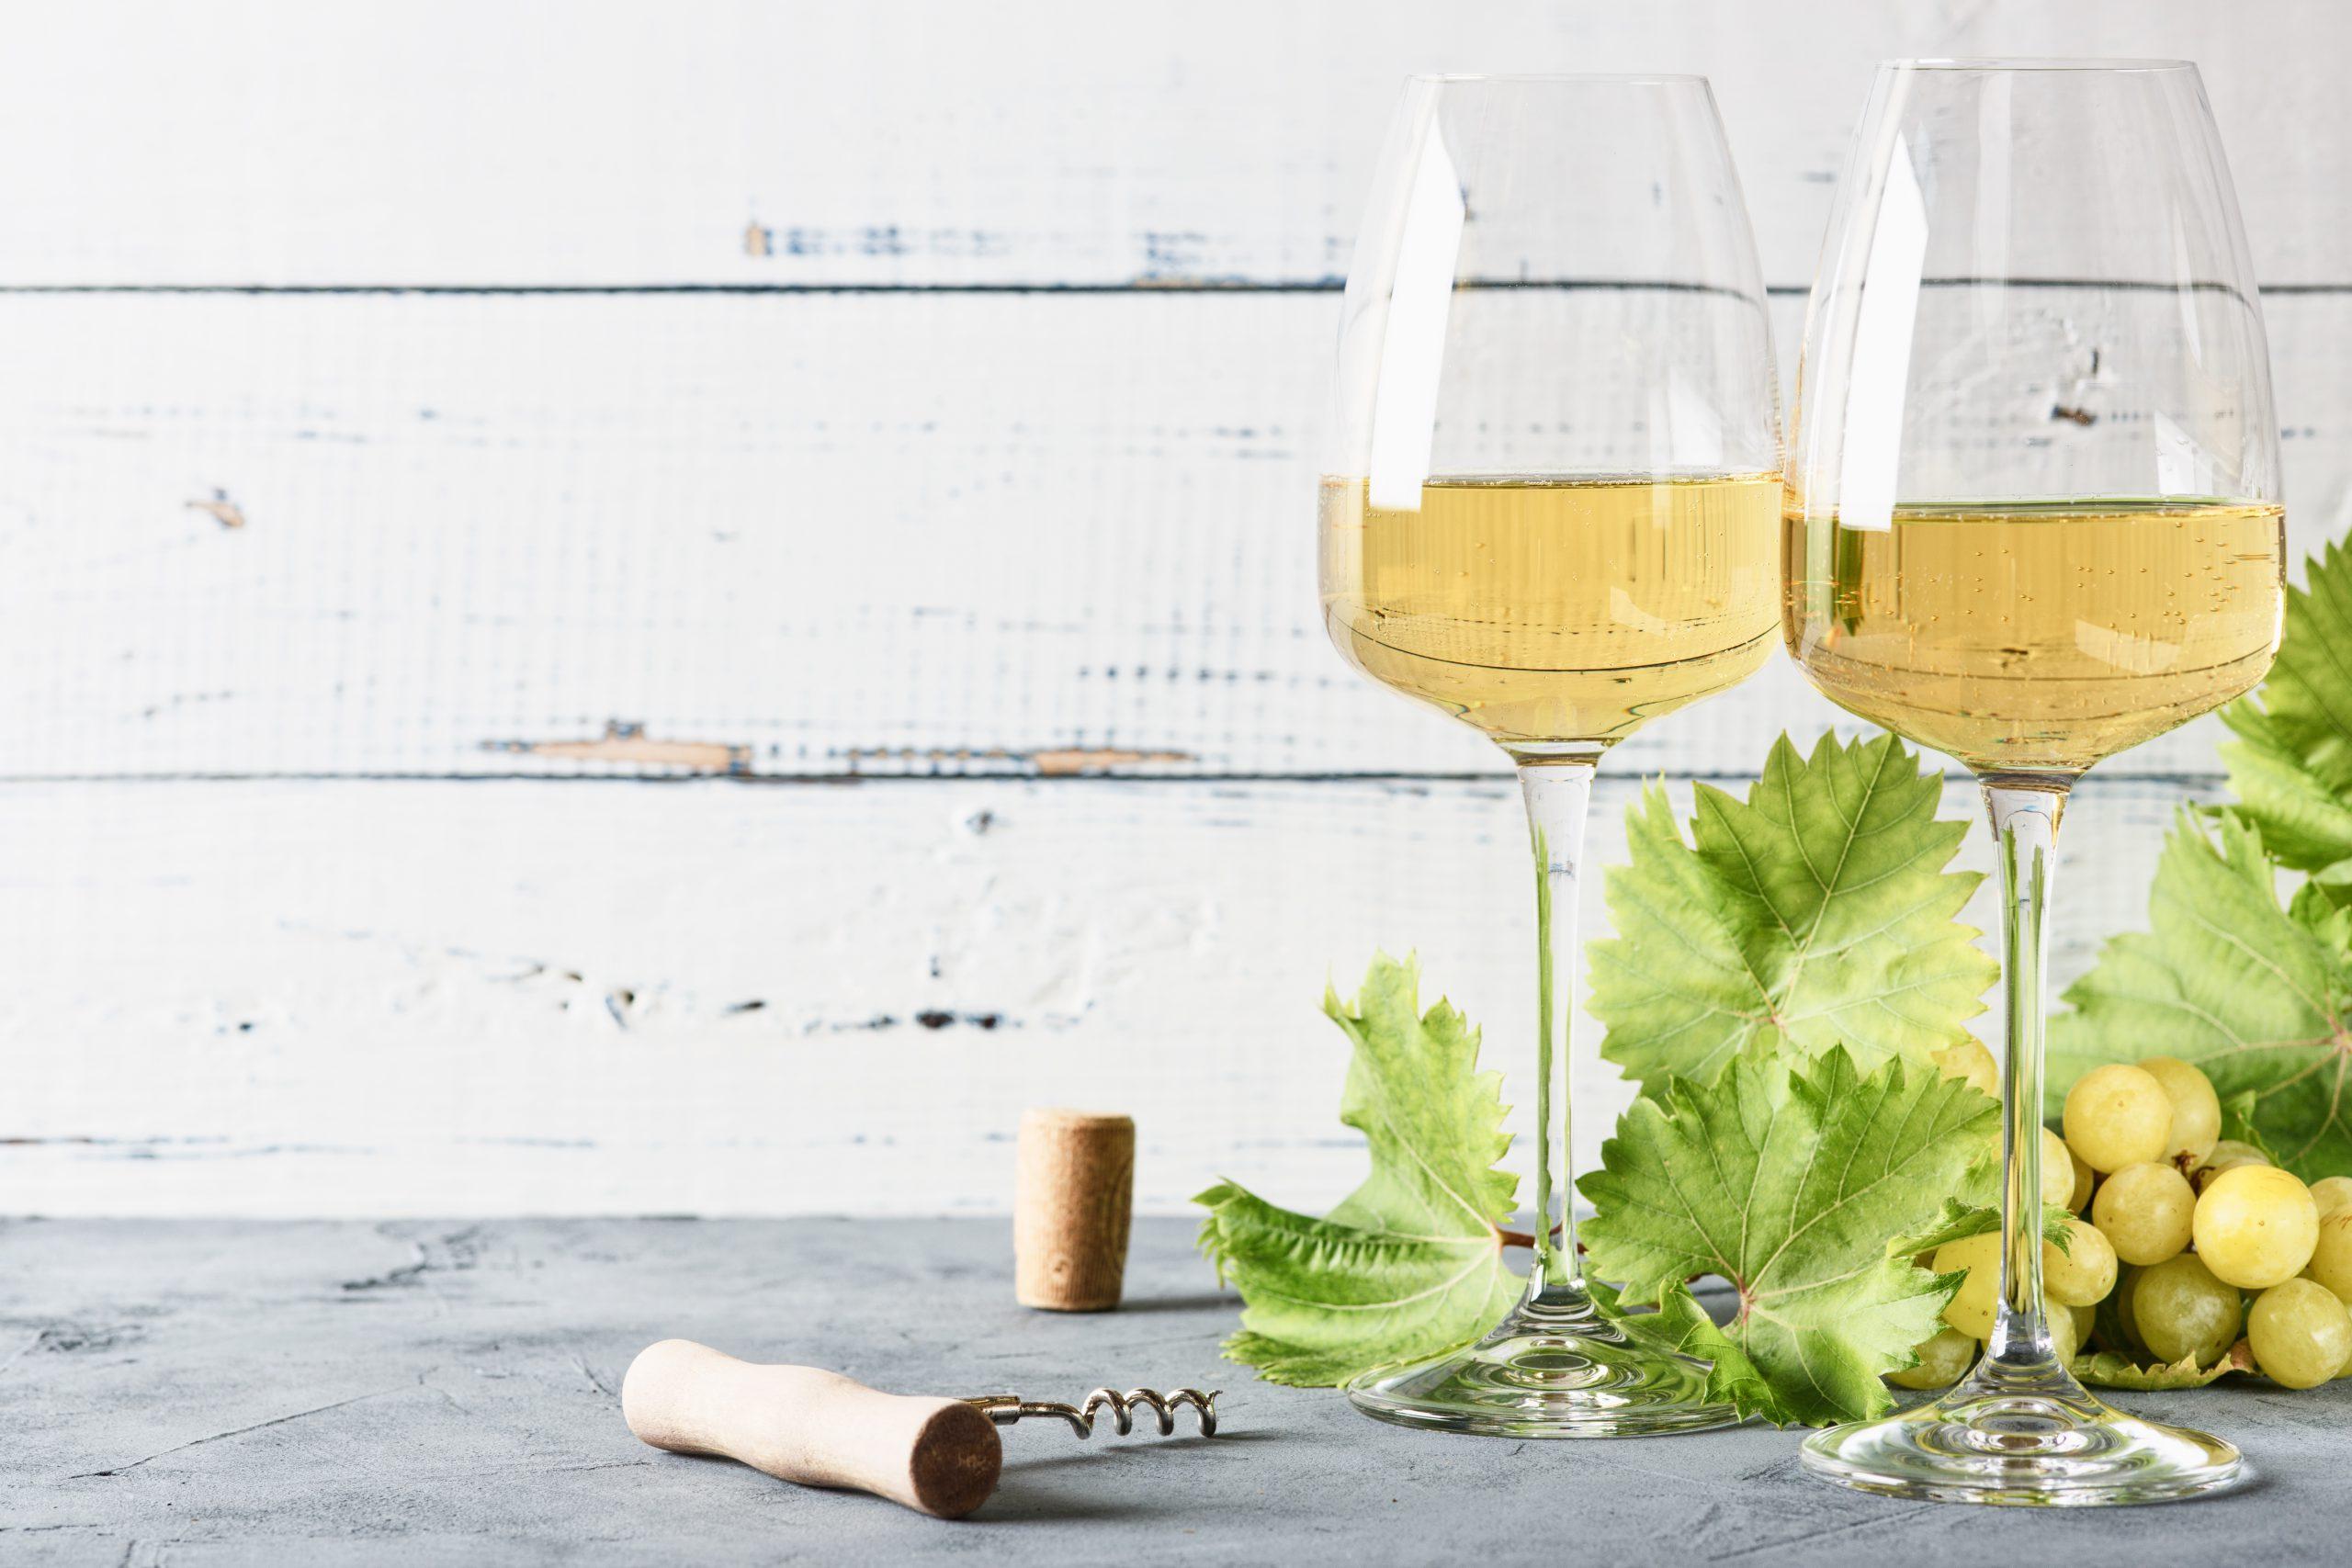 ドイツワインでおなじみのリースリング種の産地や特長